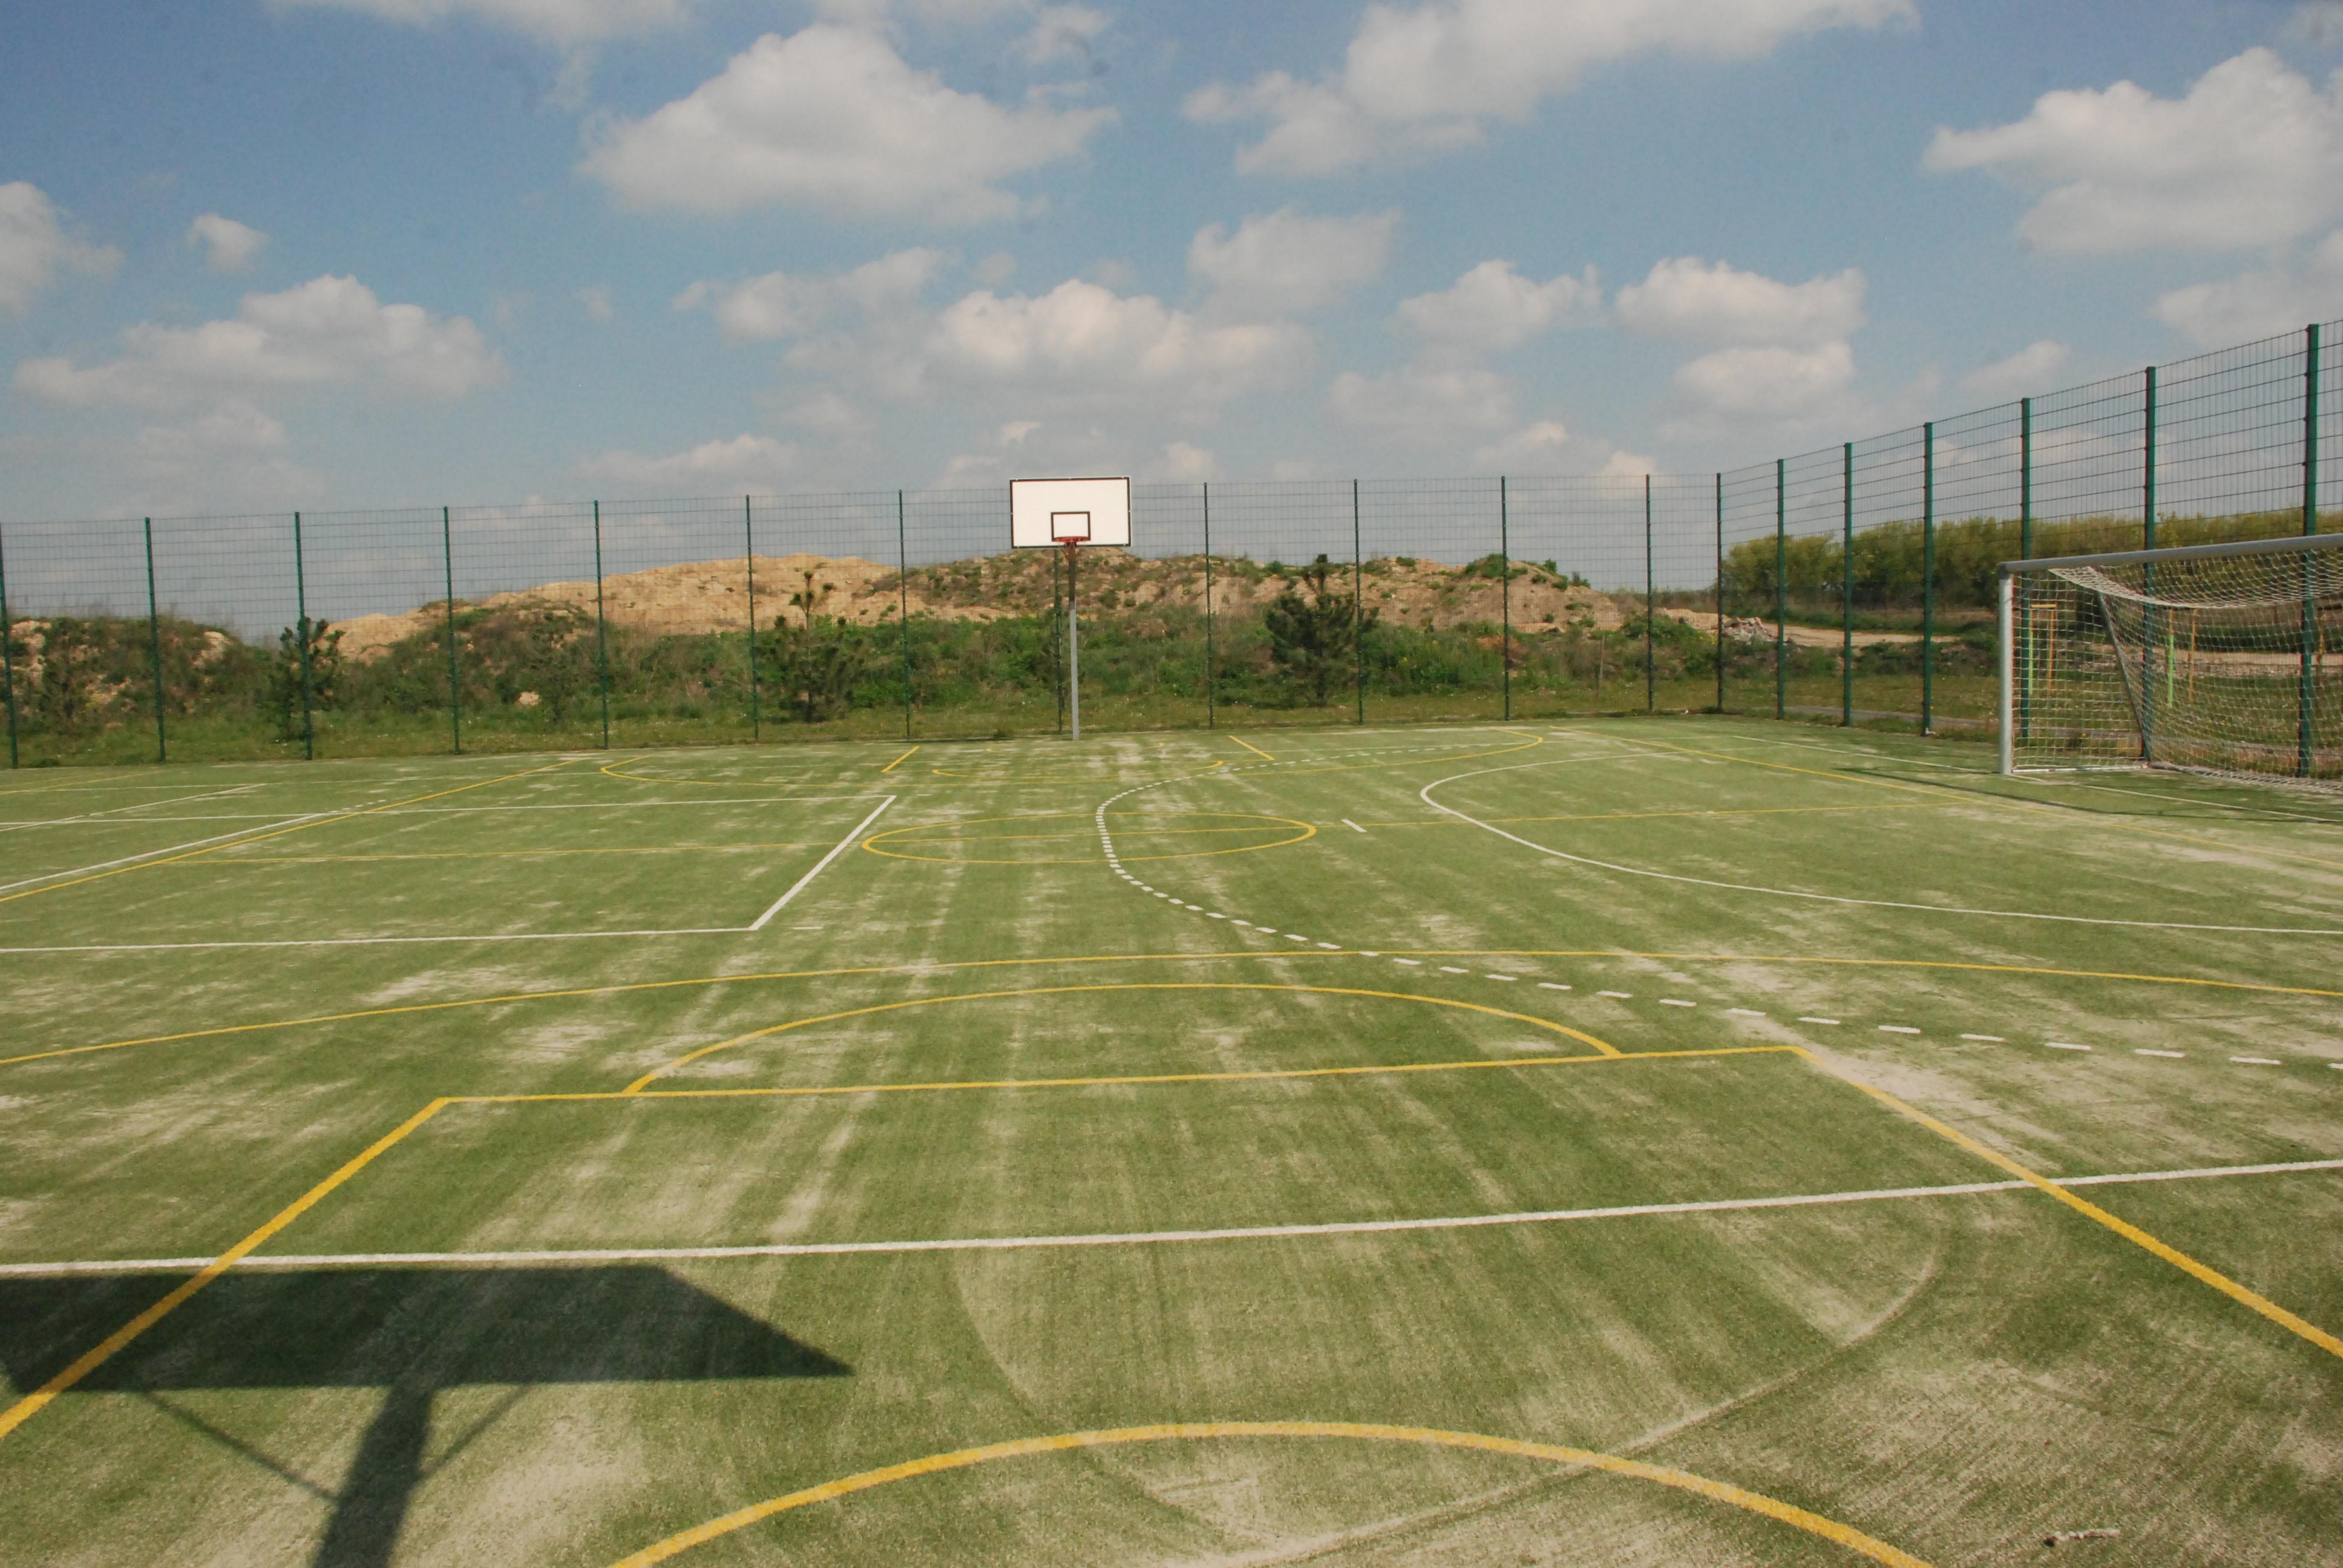 Boisko ze sztuczną nawierzchnią w Zielątkowie. Widok boiska do koszykówki. Na skraju boiska znajduje się bramka do piłki nożnej